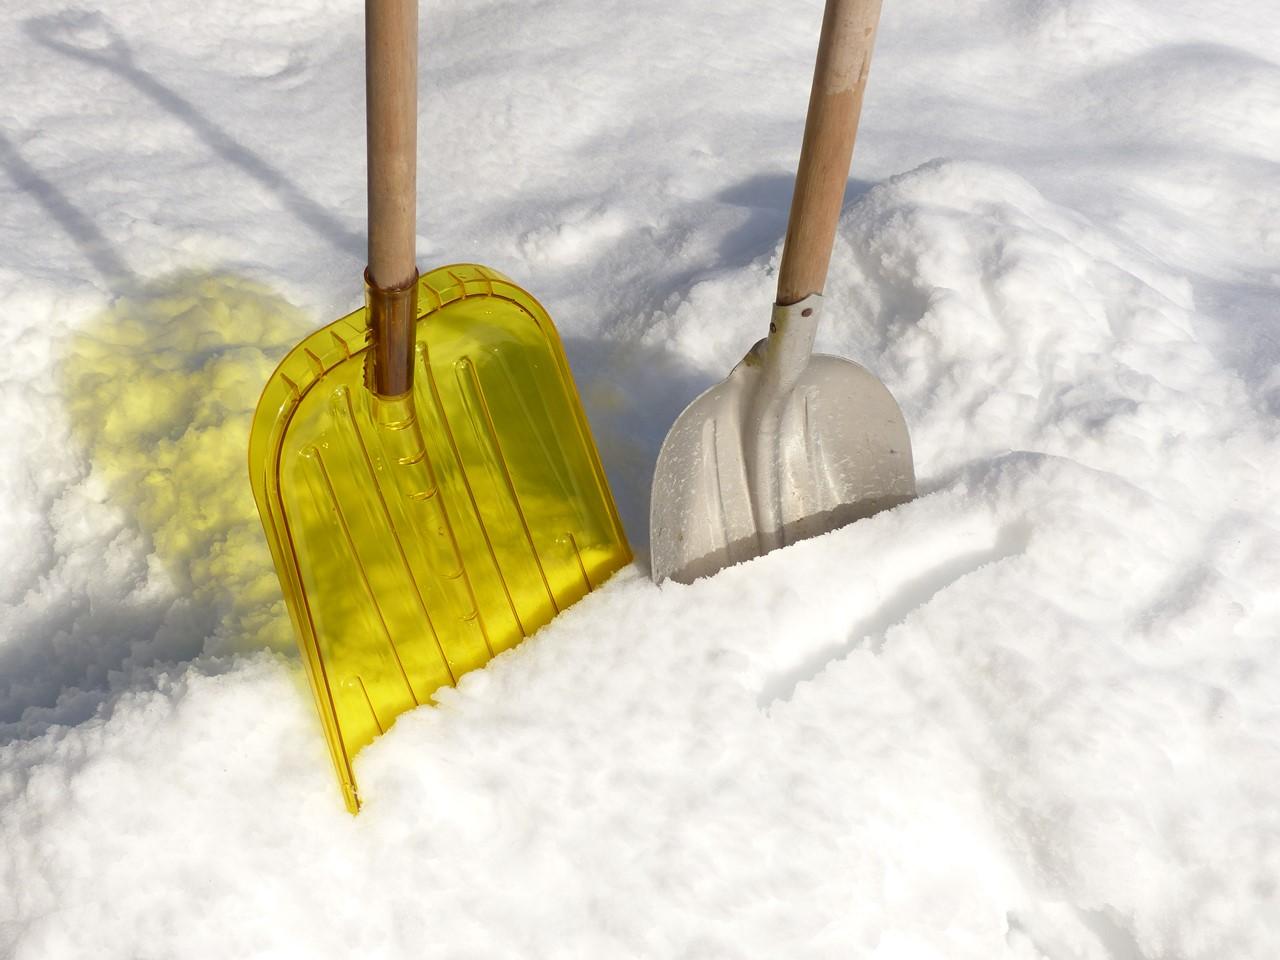 雪かき用のスコップ